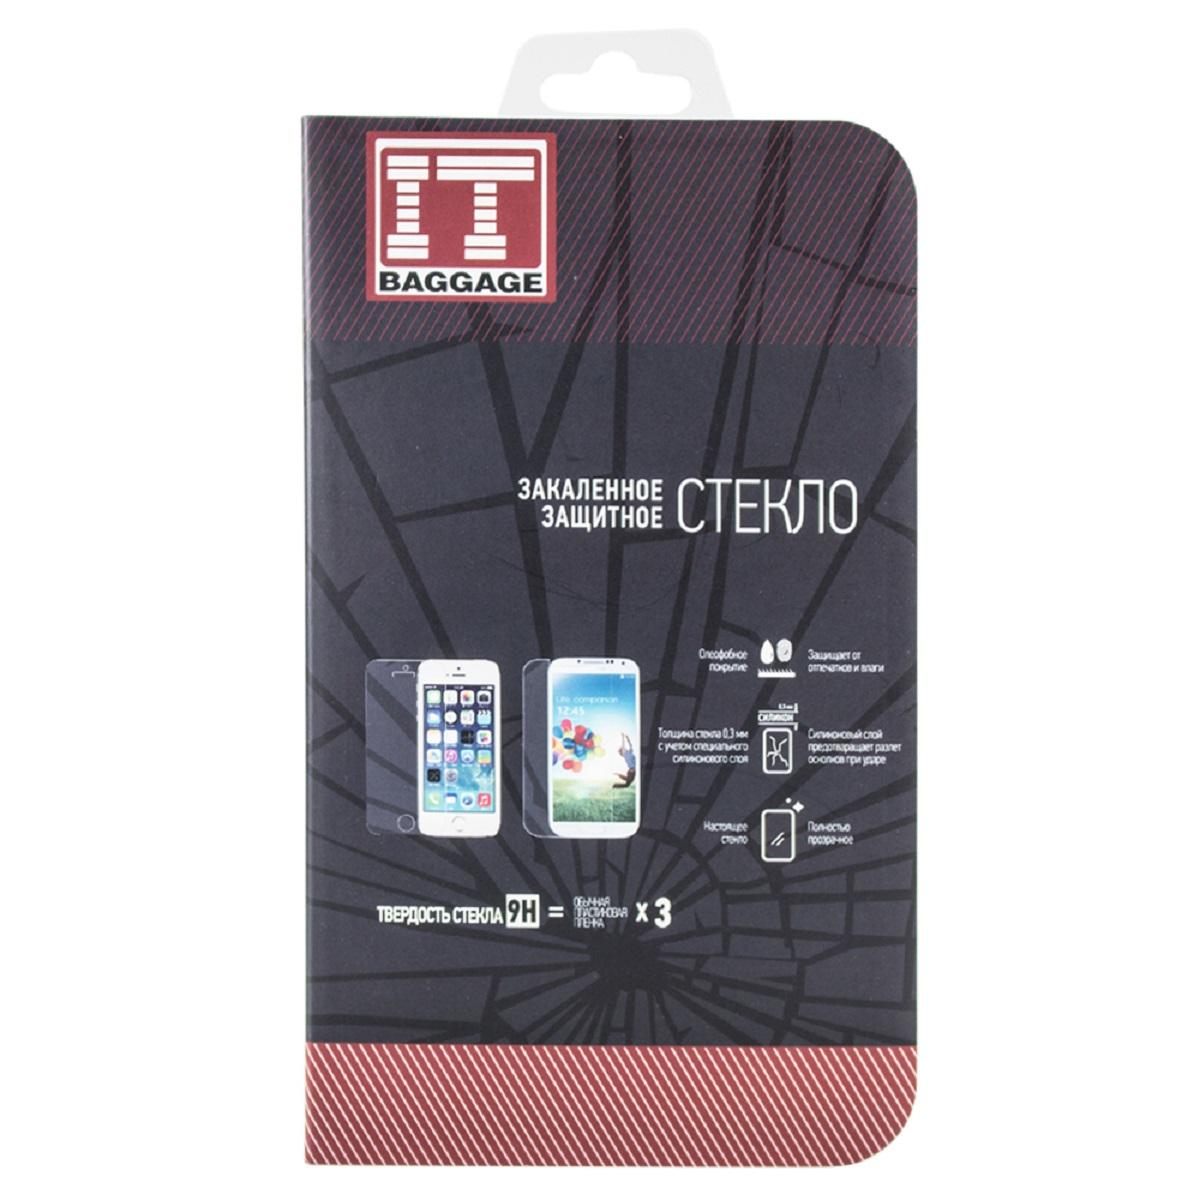 IT Baggage защитное стекло для Lenovo A5000ITLNA5000GЗакаленное стекло IT Baggage для Lenovo A5000 - это самый верный способ защитить экран от повреждений и загрязнений. Обладает высочайшим уровнем прозрачности и совершенно не влияет на отклик экранного сенсора и качество изображения. Препятствует появлению отпечатков и пятен. Удалить следы жира и косметики с поверхности аксессуара не составить ни какого труда.Характеристики защитного стекла делают его износостойким к таким механическим повреждениям, как царапины, сколы, потертости. При сильном ударе разбившееся стекло не разлетается на осколки, предохраняя вас от порезов, а экран устройства от повреждений.После снятия защитного стекла с поверхности дисплея, на нем не остаются повреждения, такие как потертости и царапины.